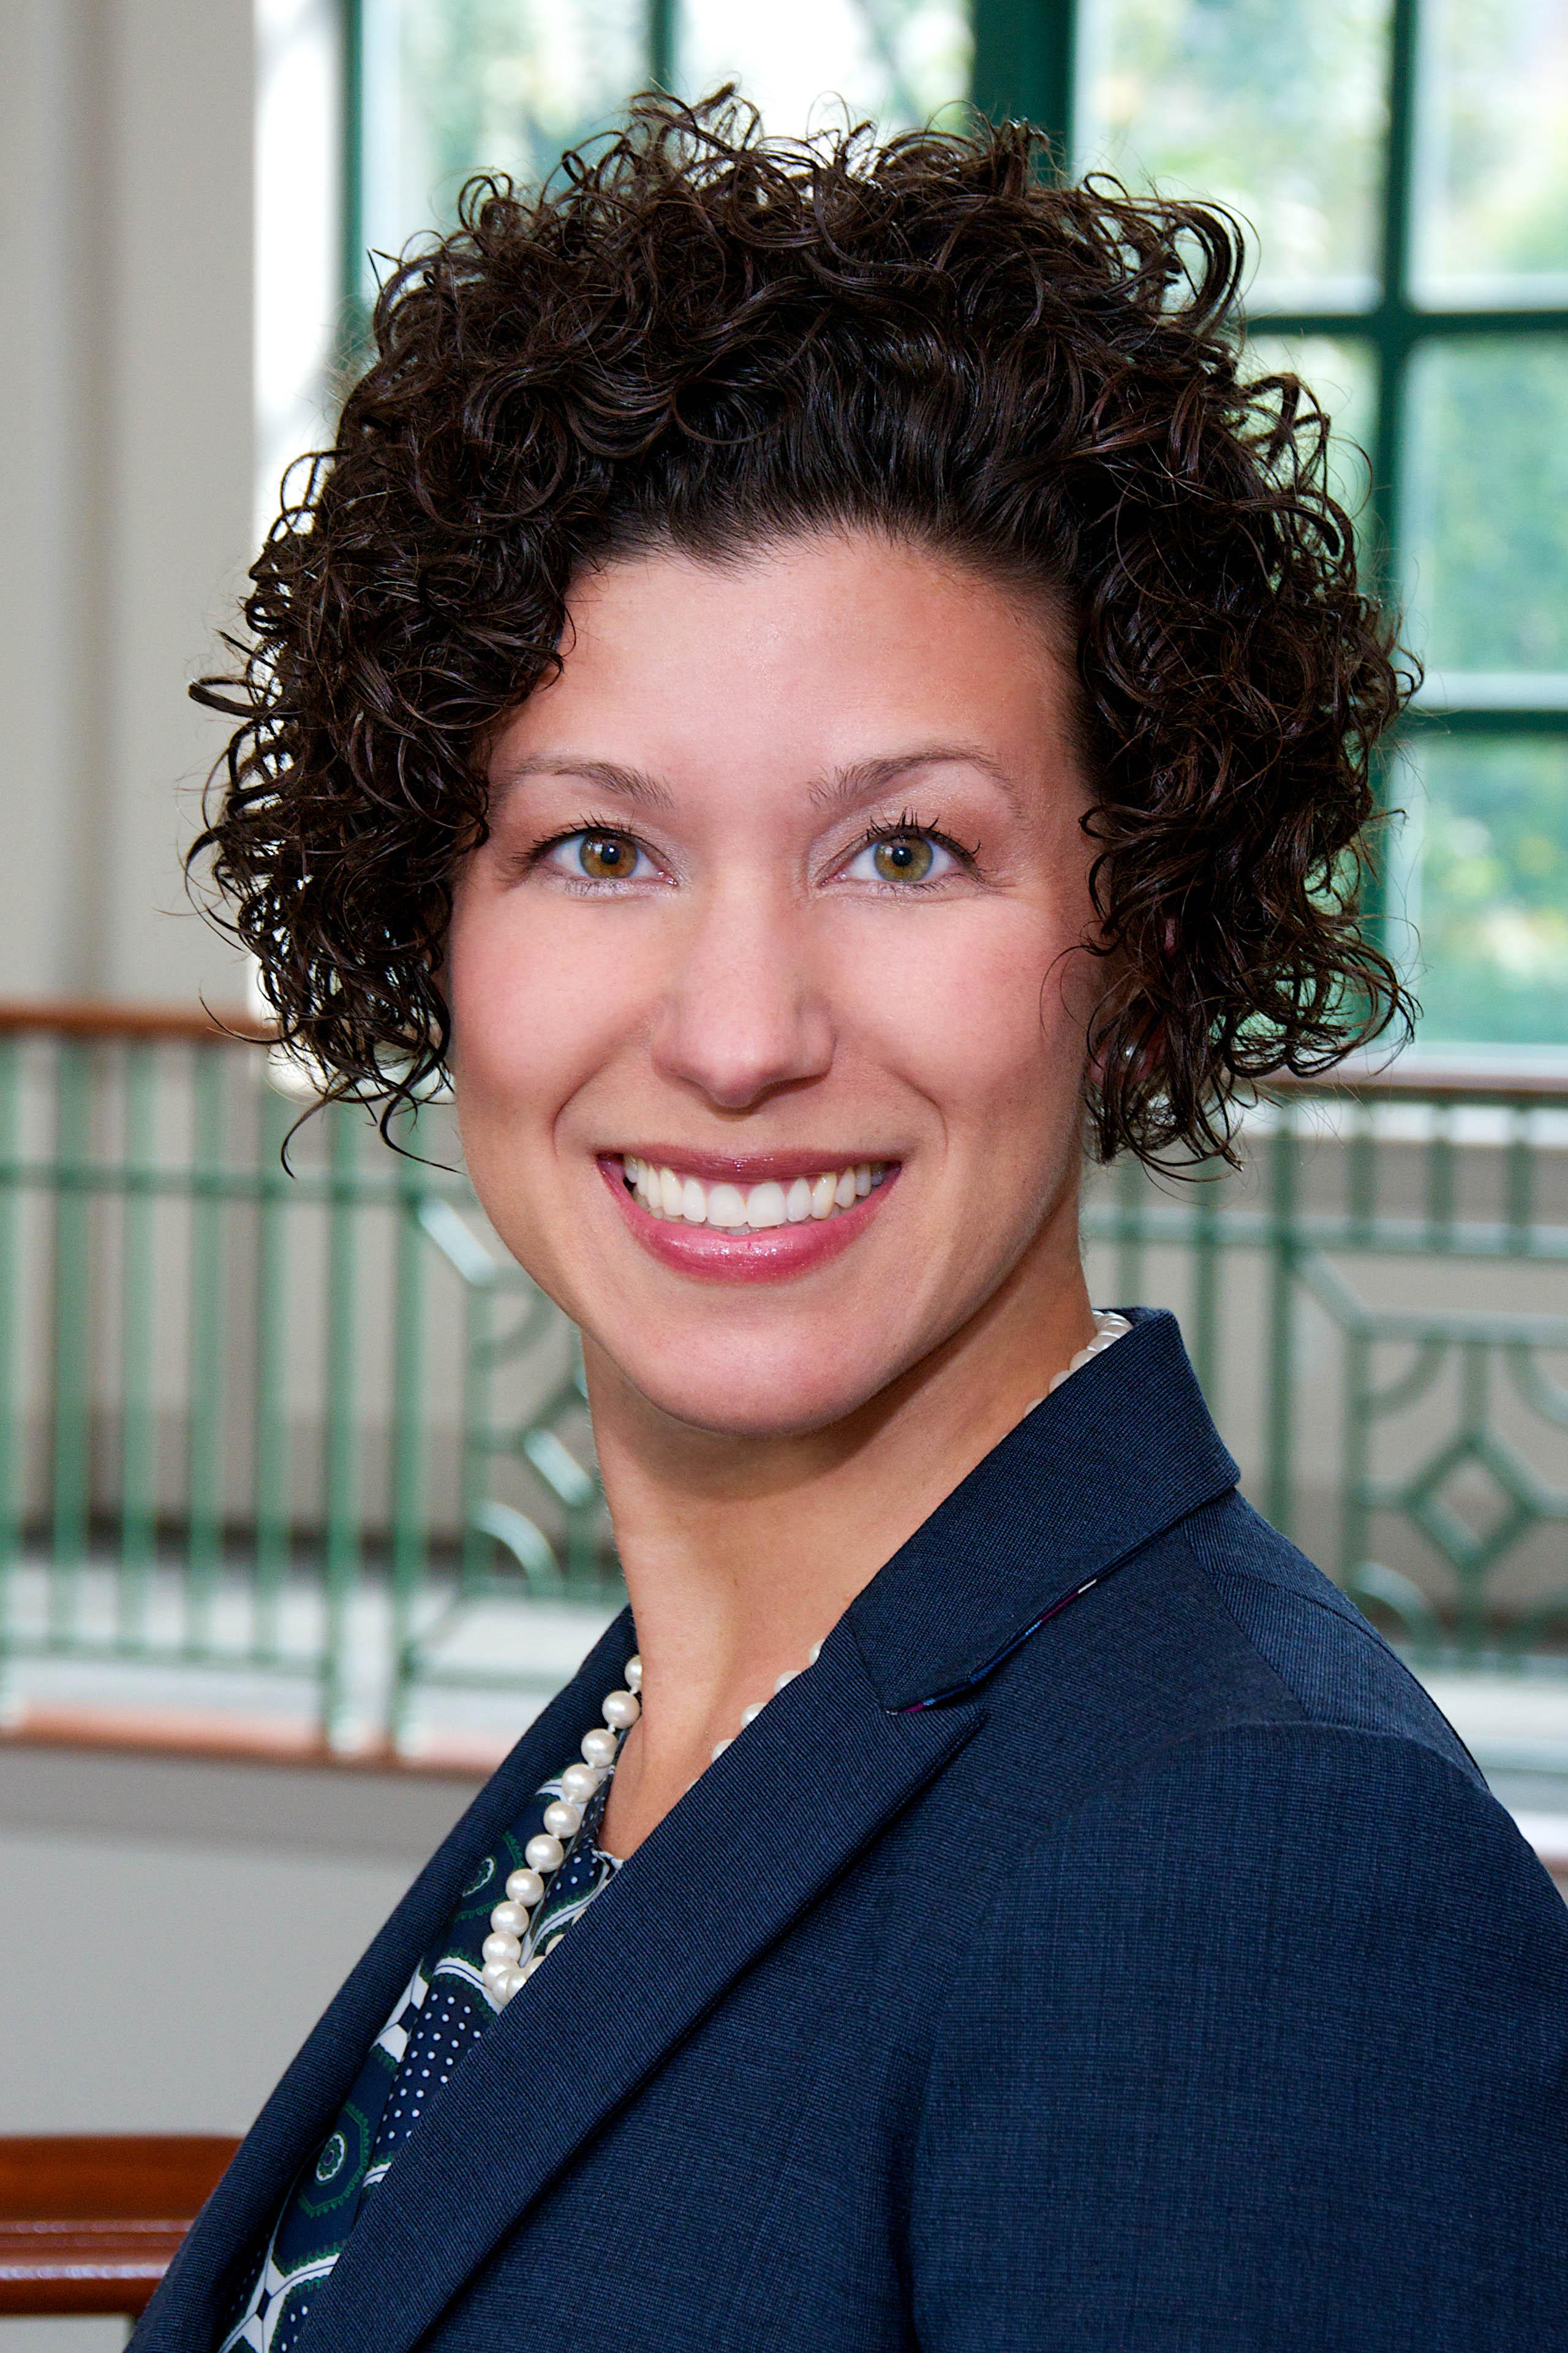 Speaker Headshot_Passarelli, Angela .jpg